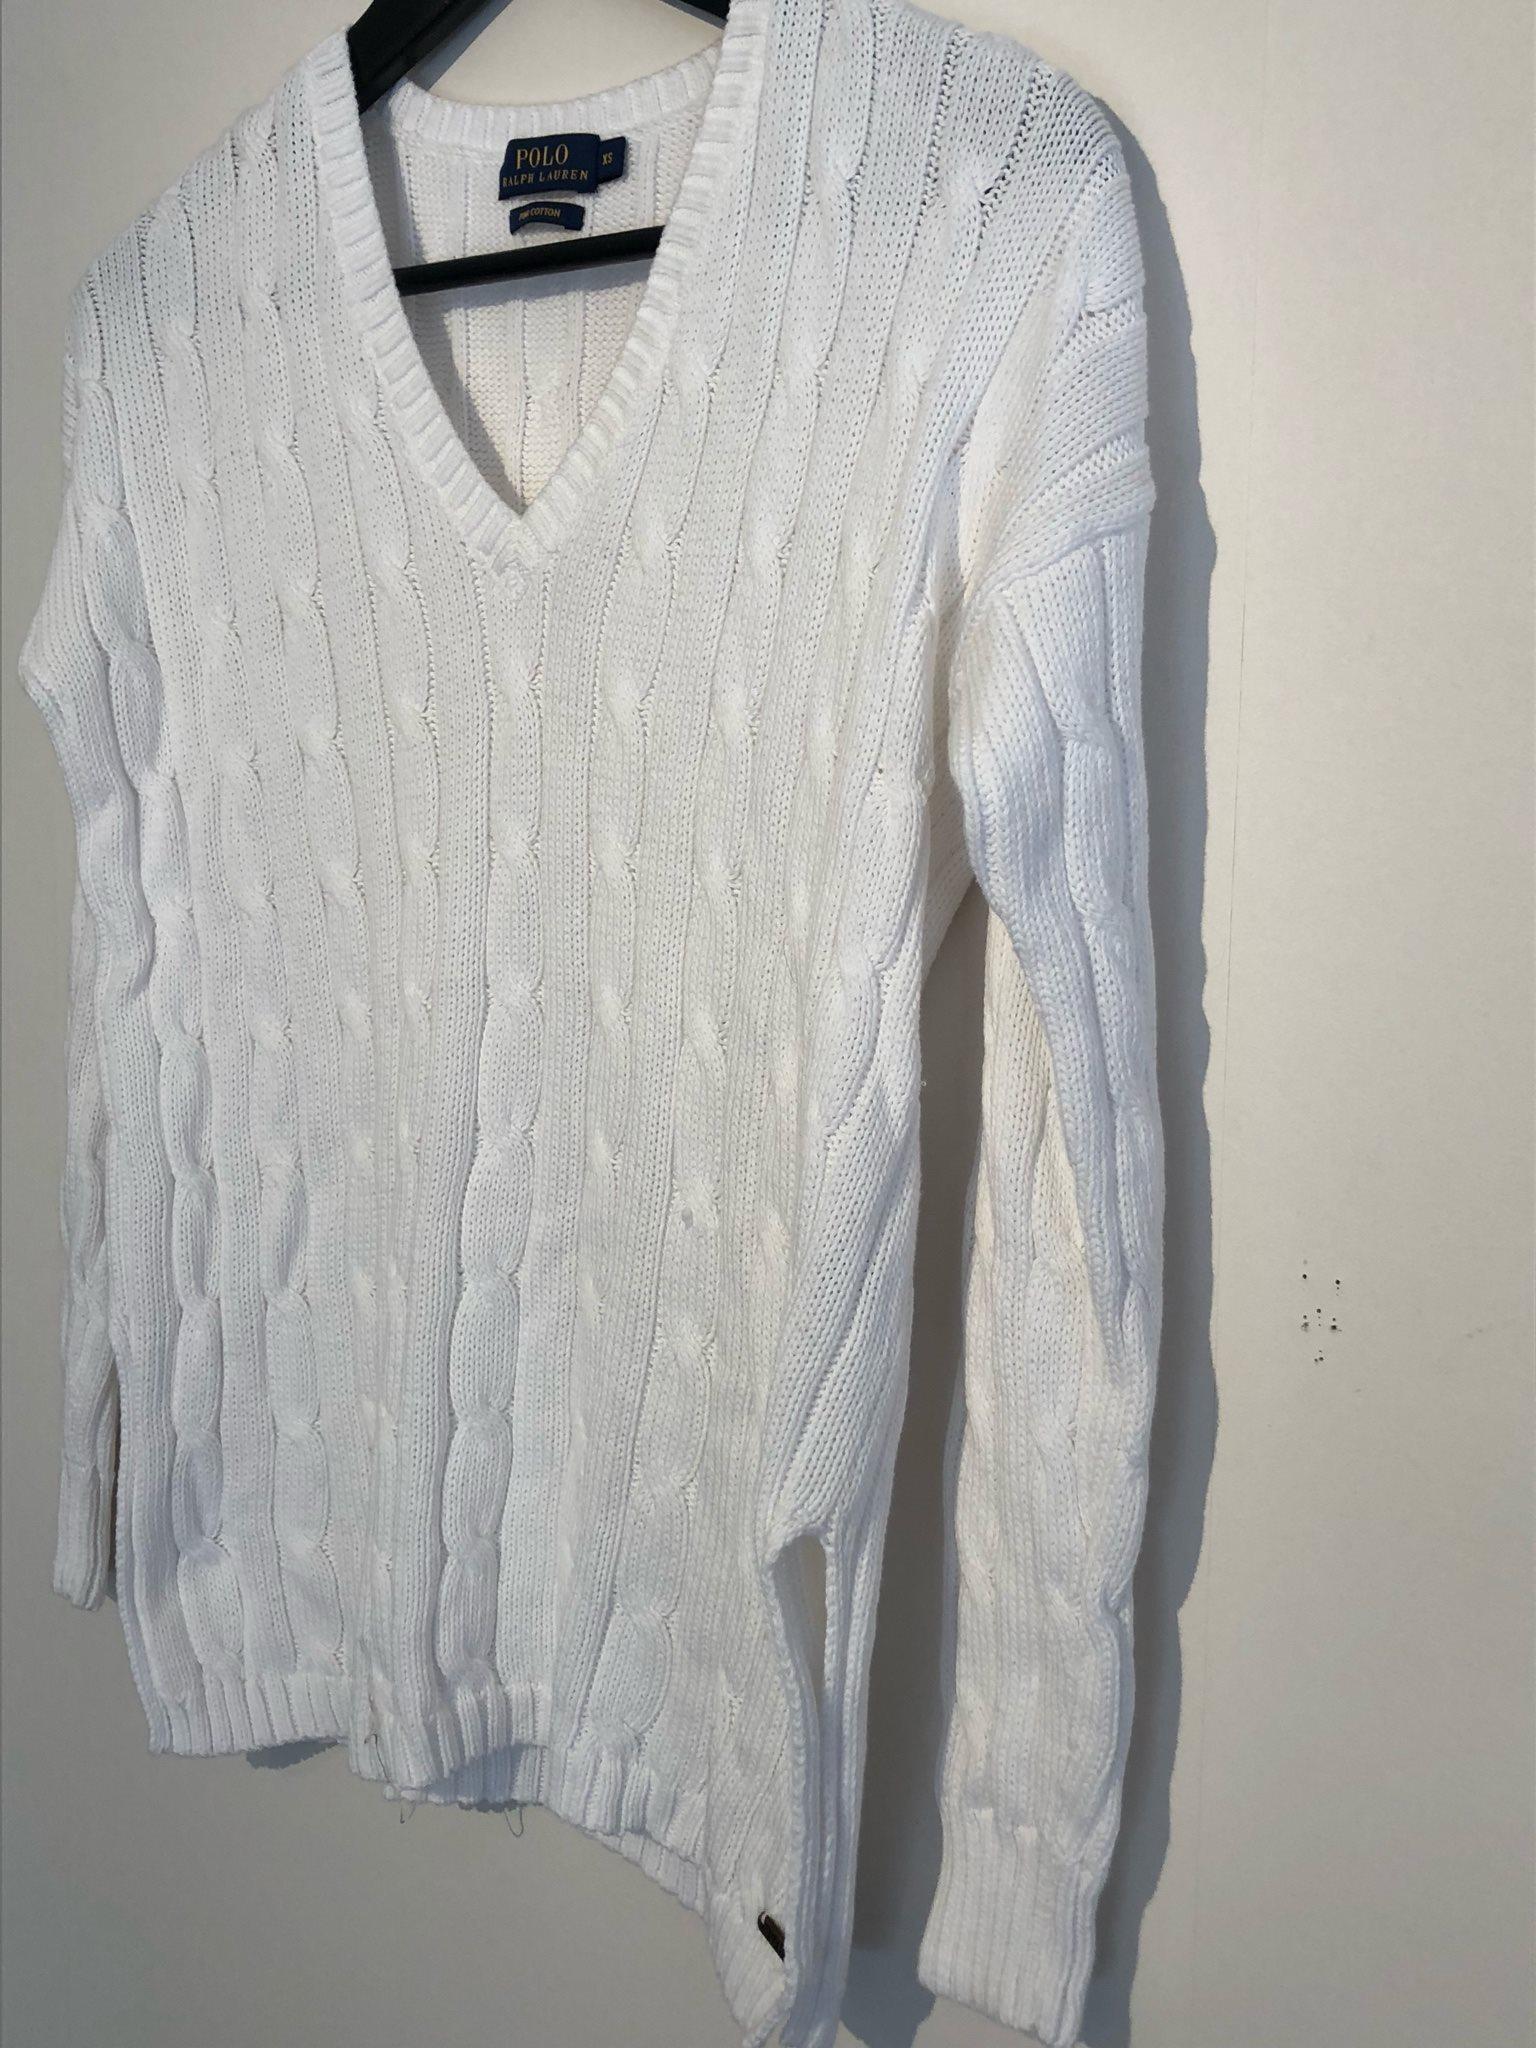 ralph lauren vit tröja